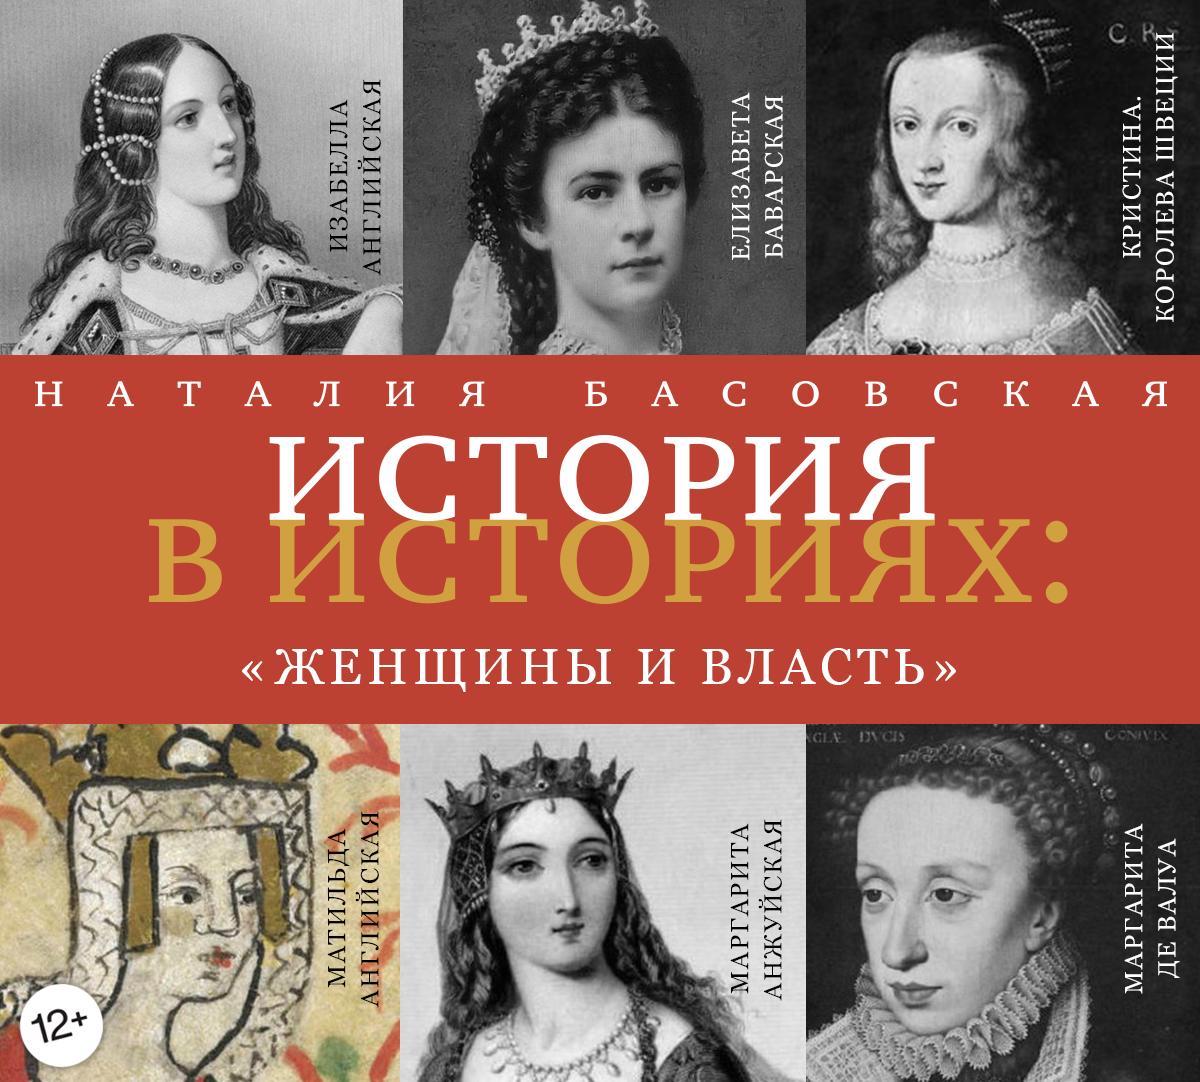 Наталия Басовская Женщины и власть наталия басовская безумцы на королевских престолах